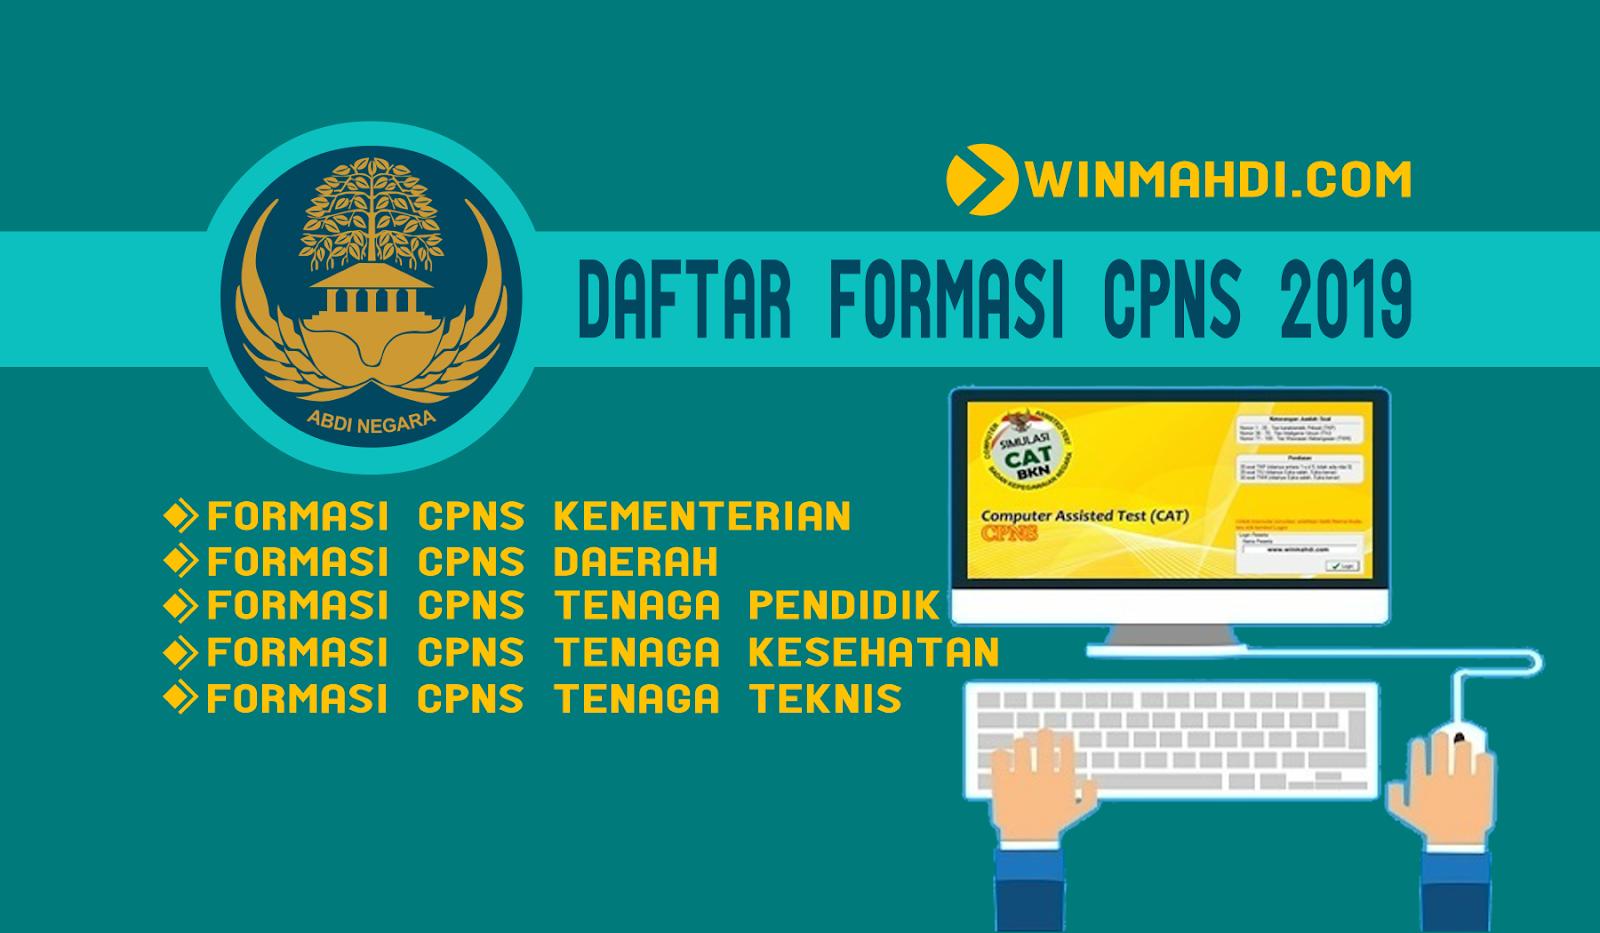 Daftar Formasi CPNS 2019